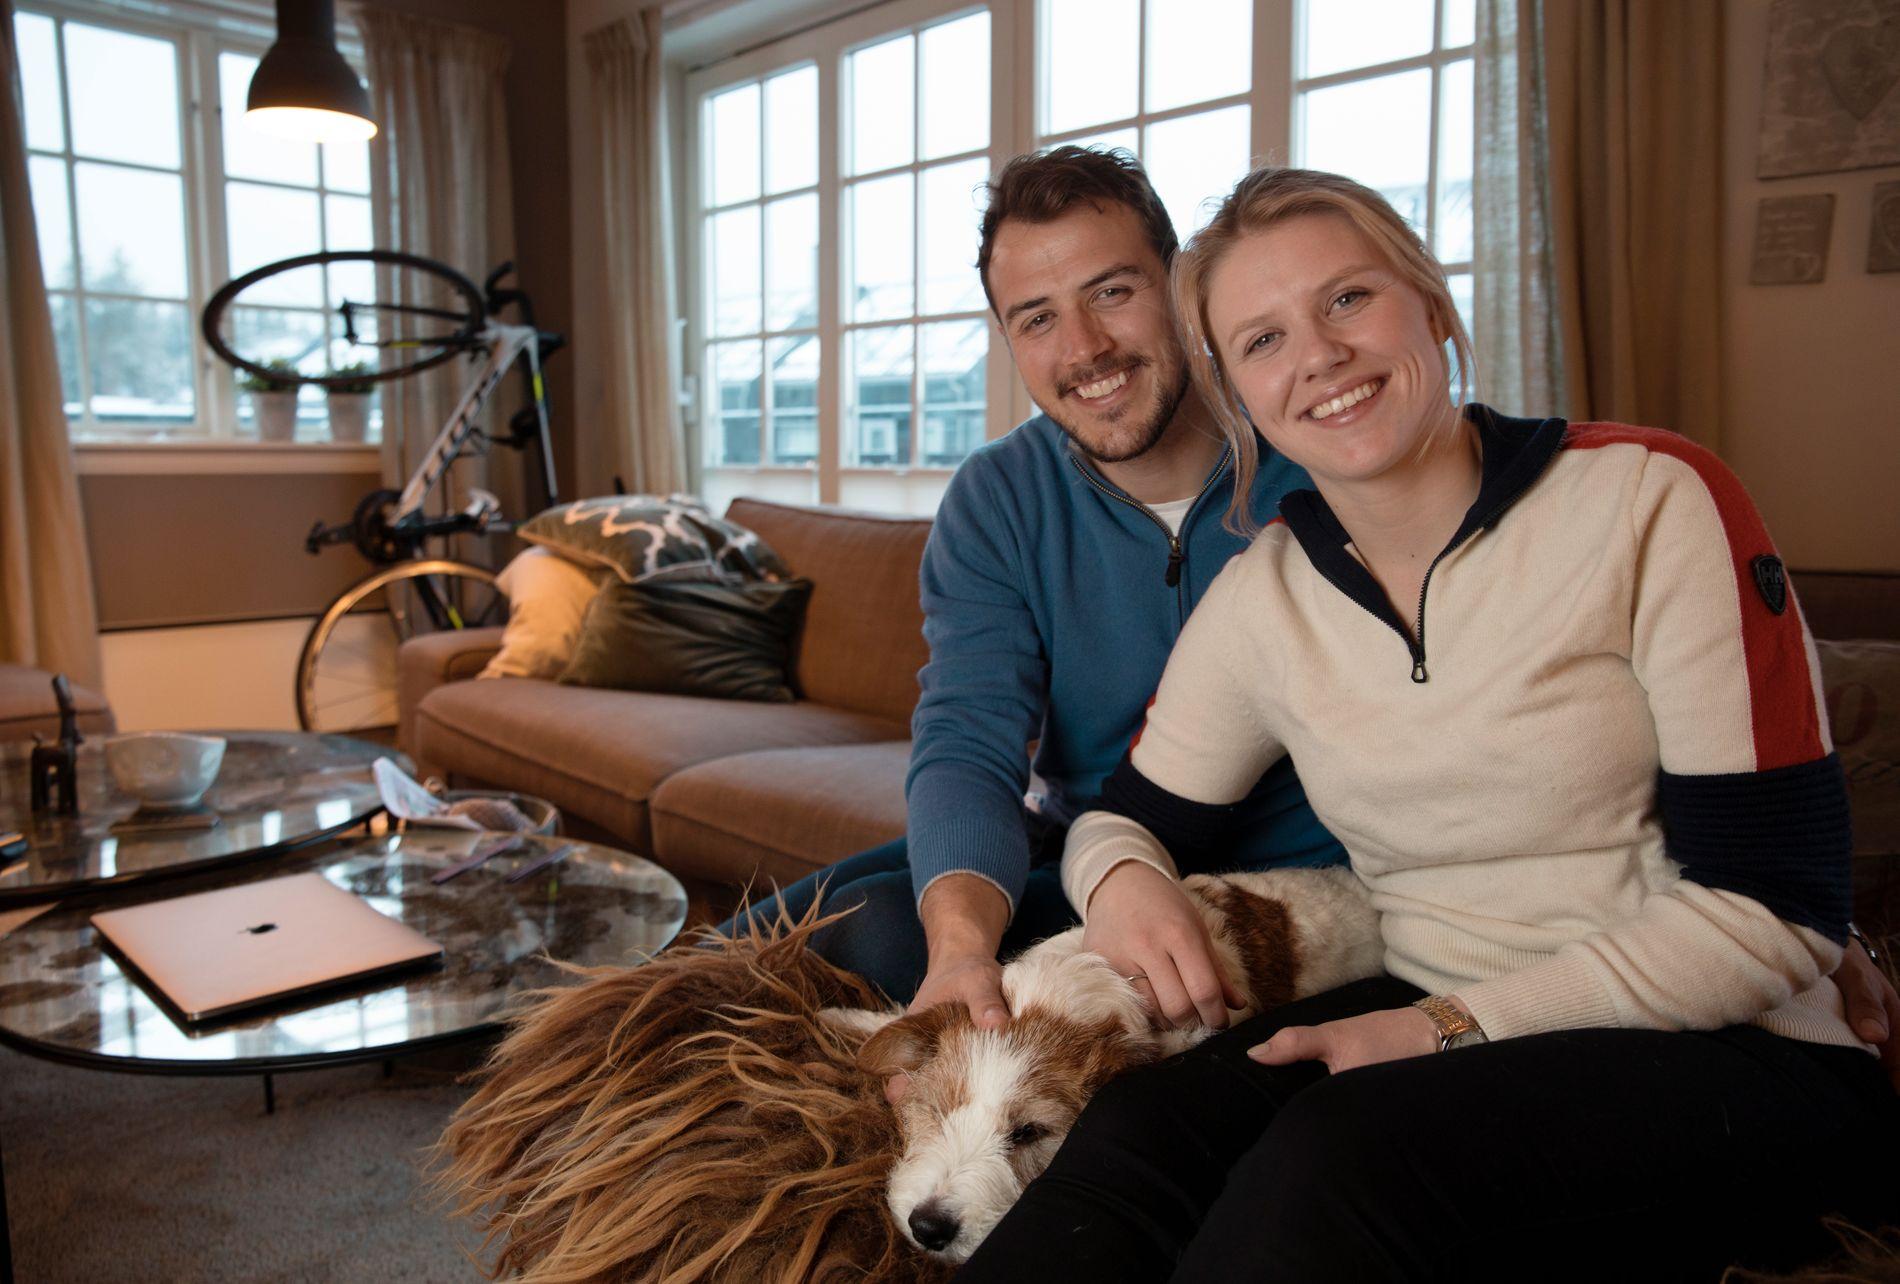 HJEMME IGJEN: Tiril Sjåstad Christiansen og kjæresten Stian Lauritzen feiret «Farmen kjendis»-seieren med forlovelse og bare god stemning. Nå venter bryllup i Italia.